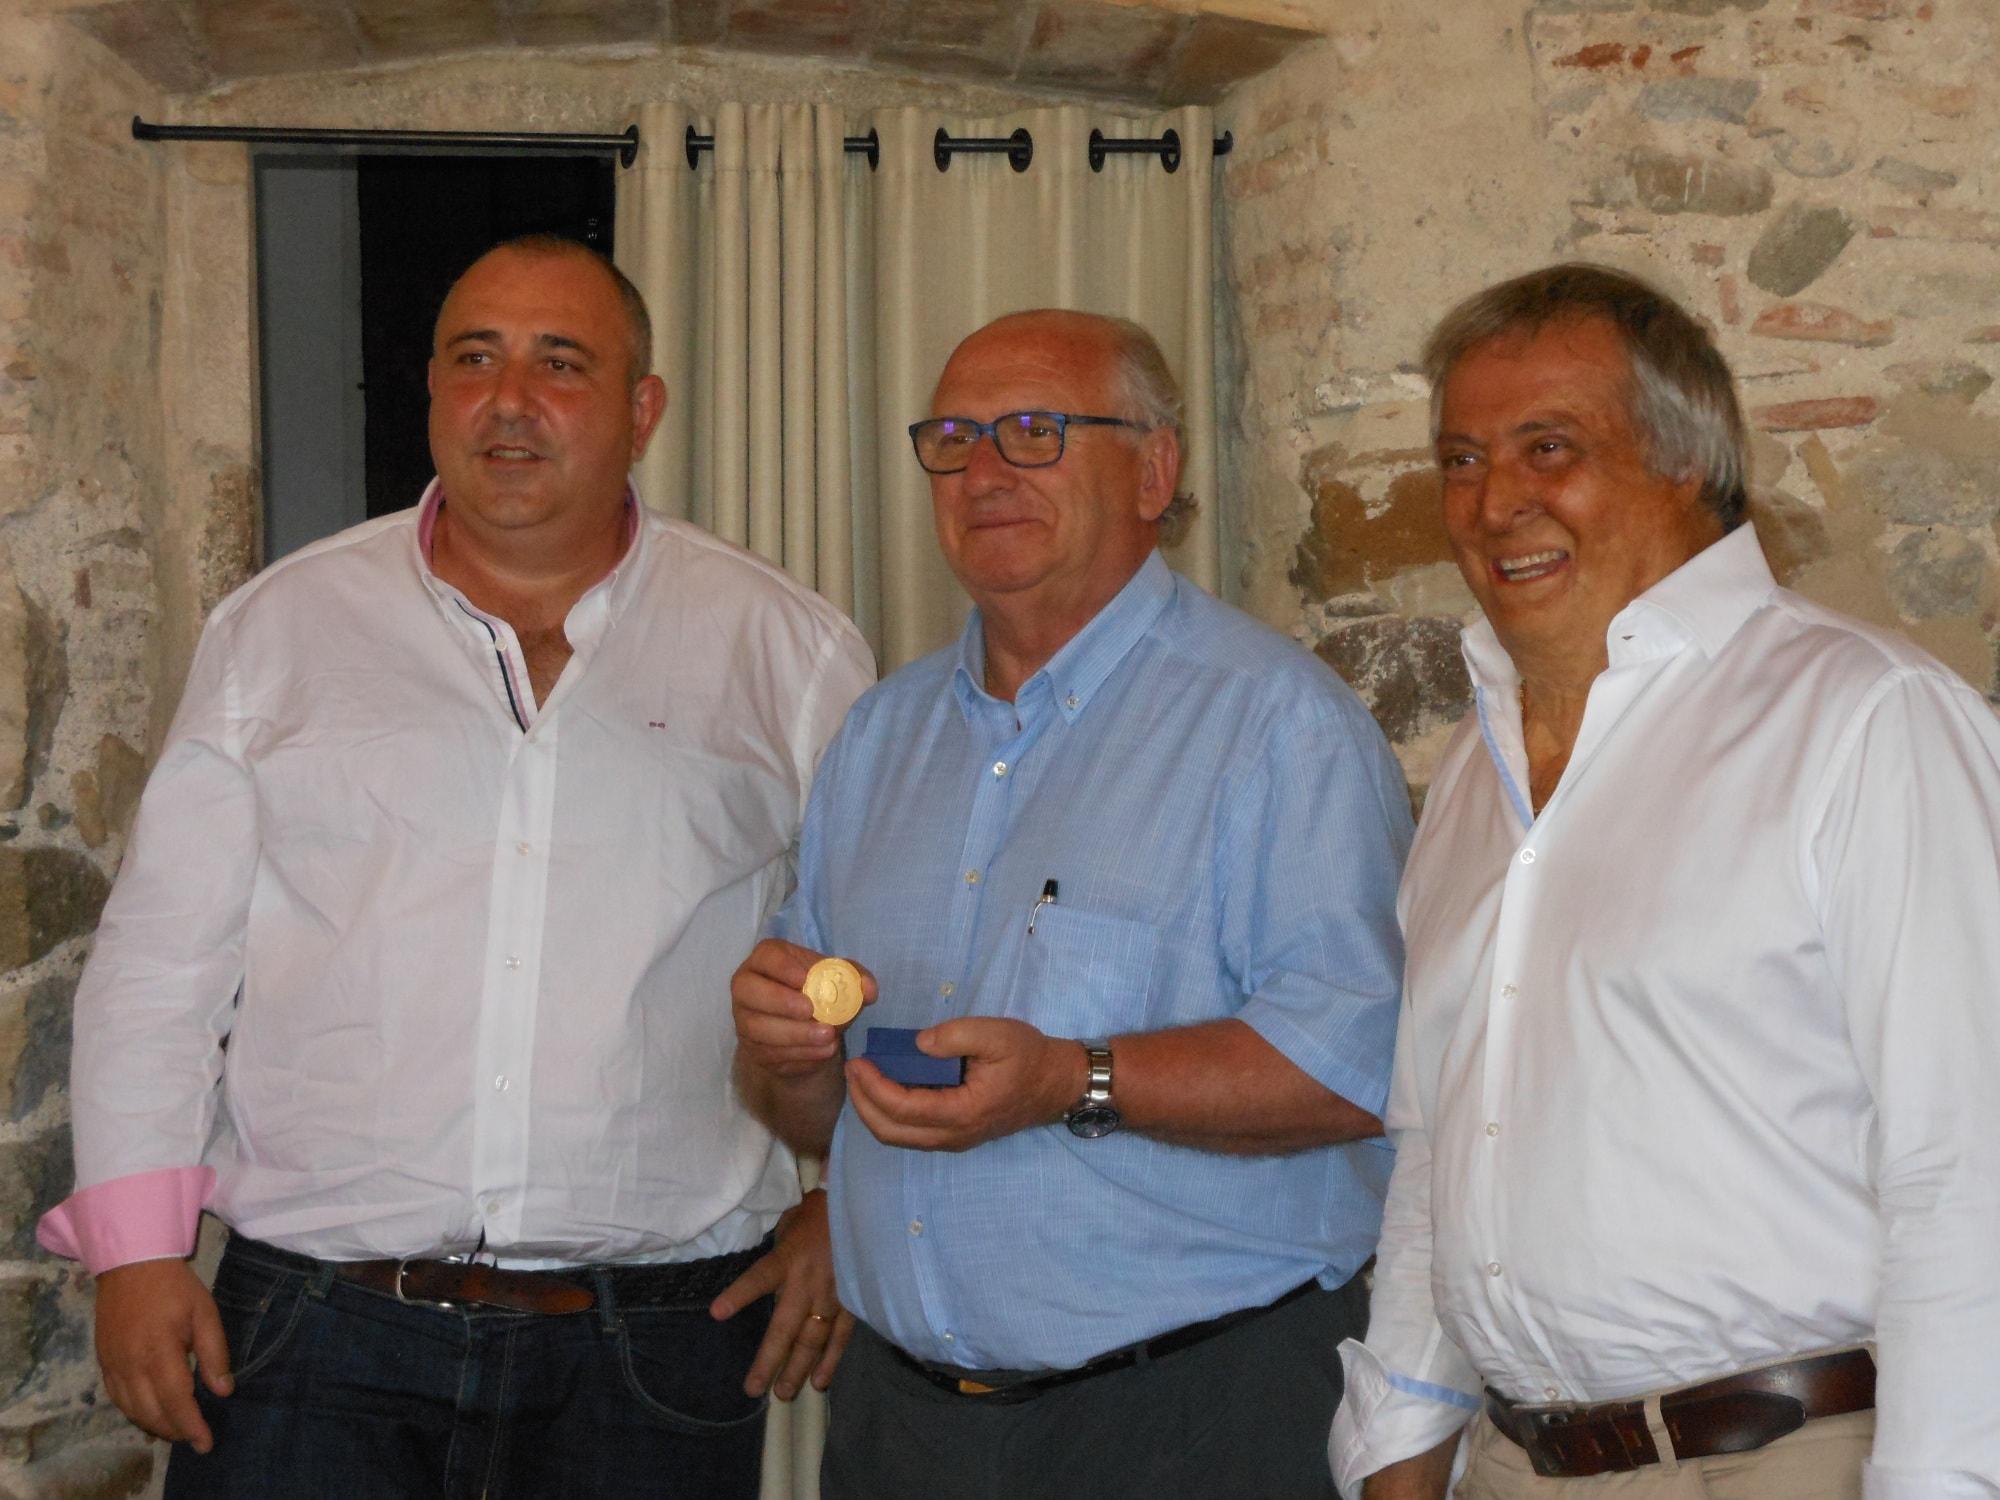 La Federación Nacional del Automóvil francesa otorga la Medalla de Oro nacional francesa a Ernest Plana